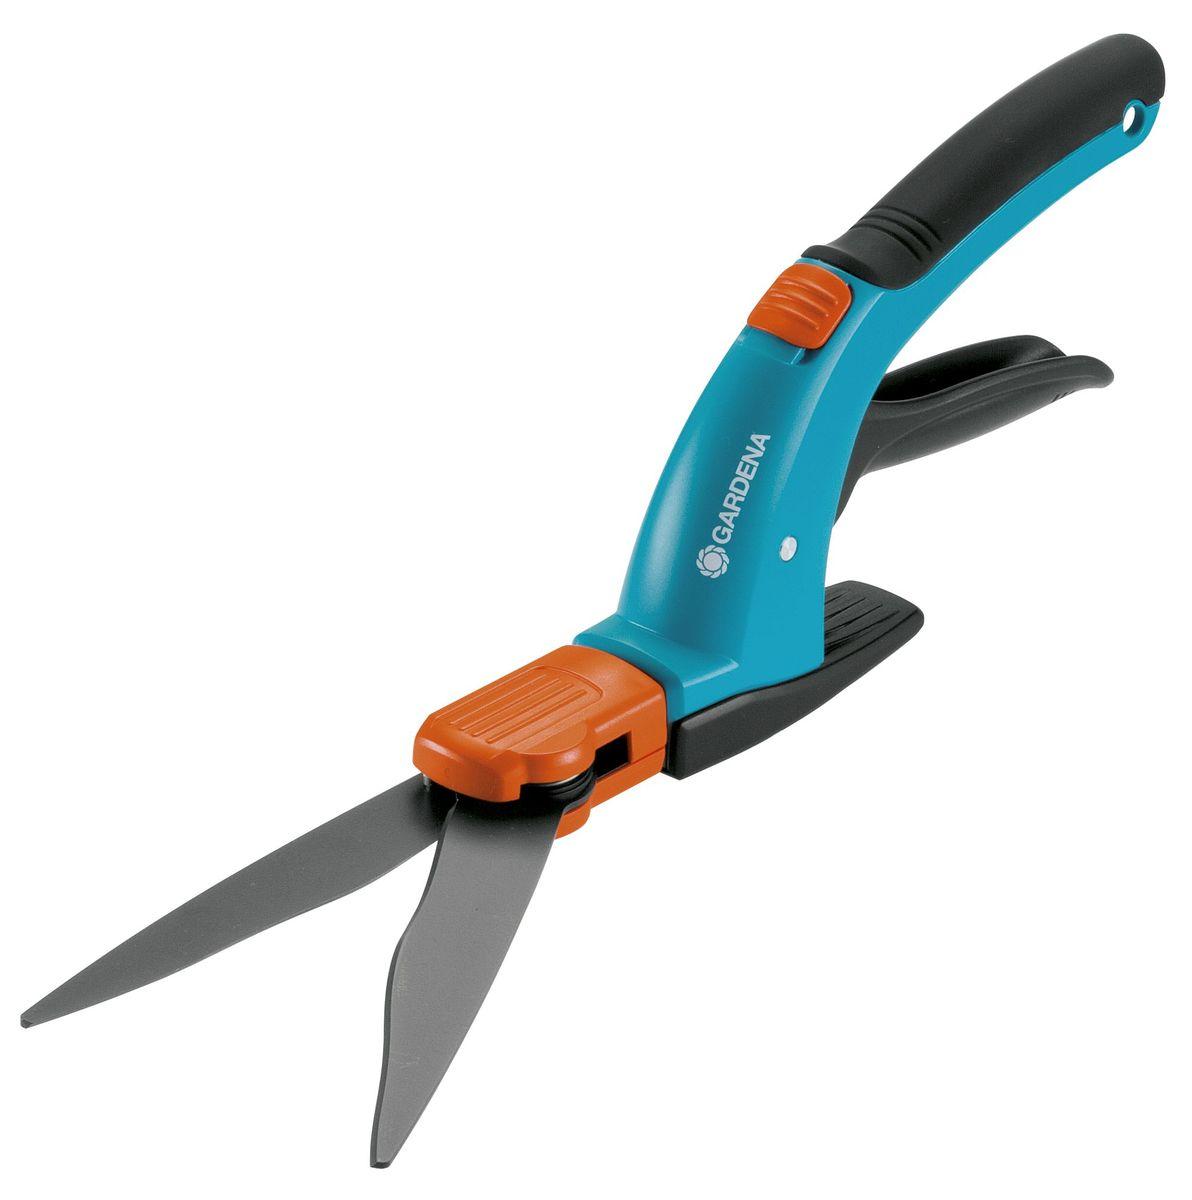 Ножницы для травы Gardena Comfort, поворотные ножницы для кустарников gardena accucut аккумуляторные